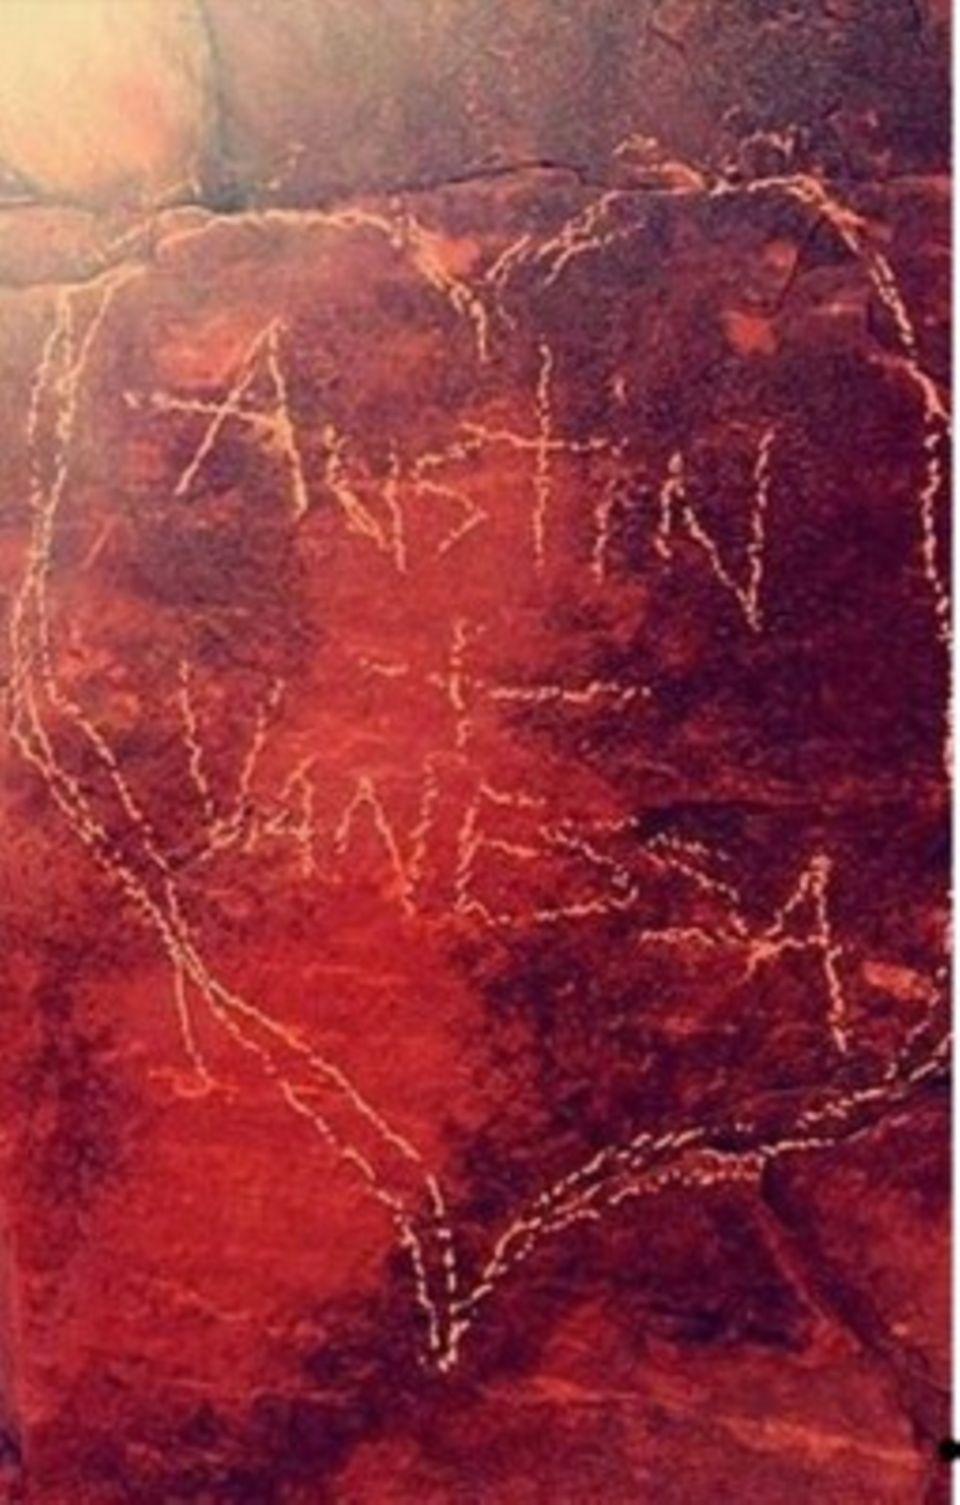 Das Beweisfoto für die Felsenritzerei hat Vanessa Hudgens mittlerweile gelöscht